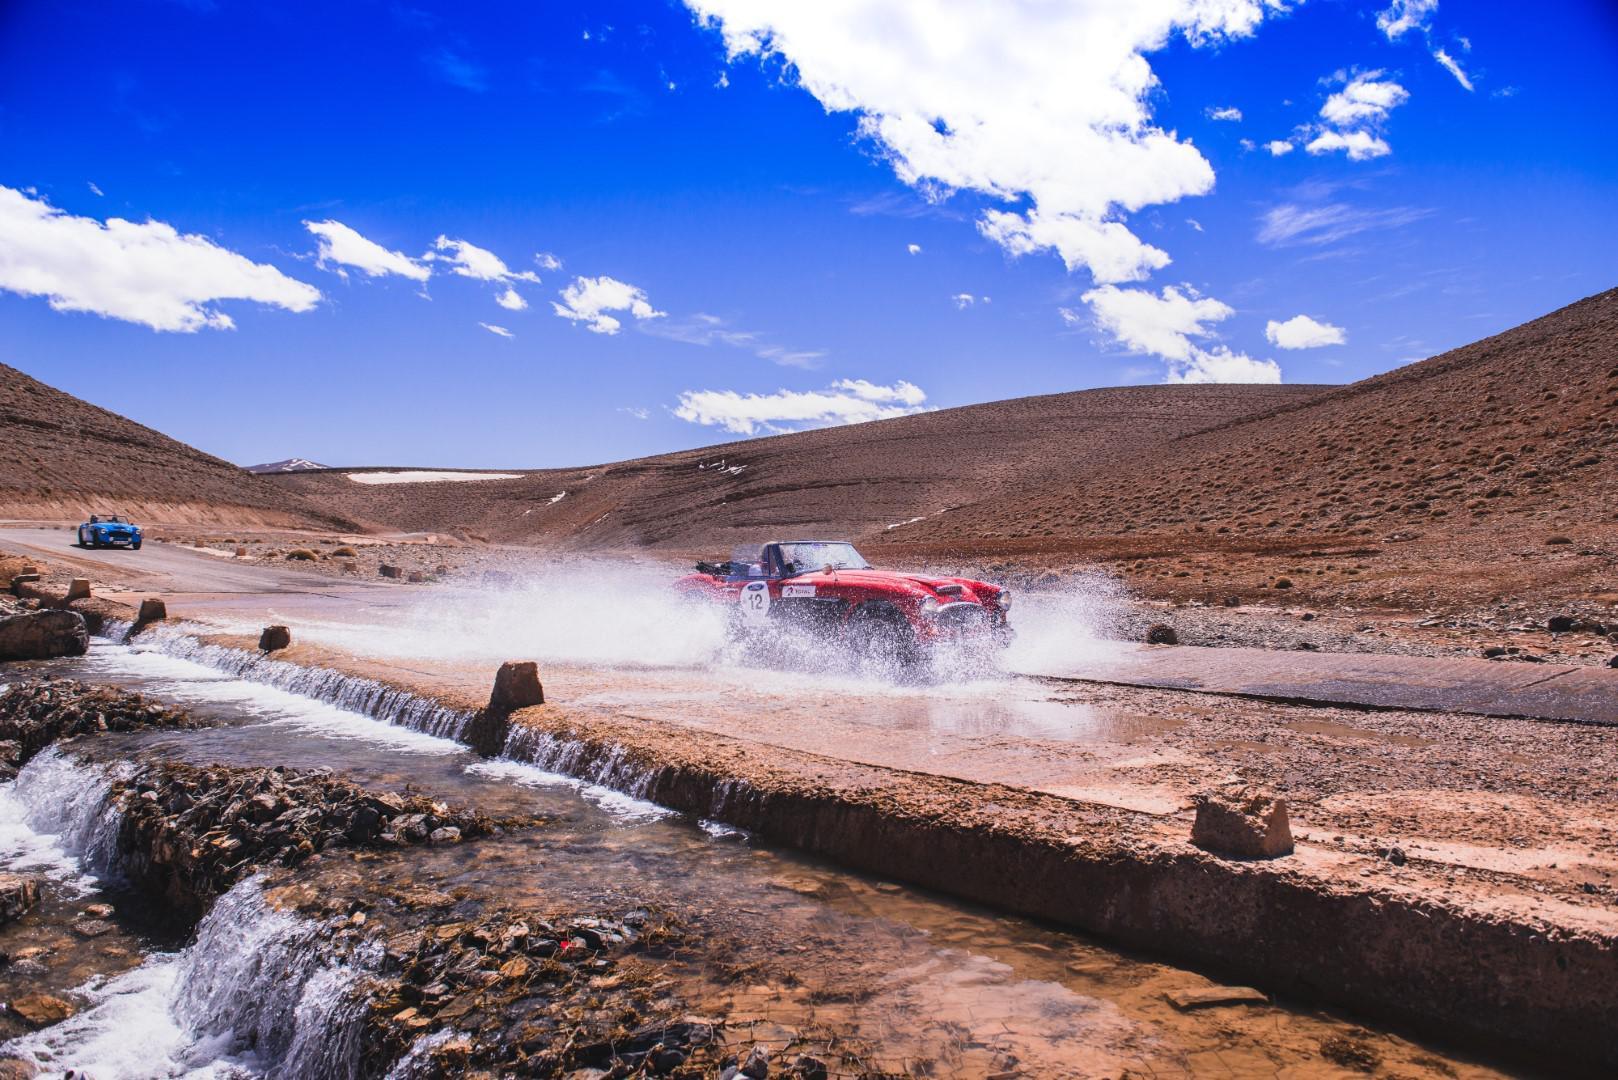 victoire-marocaine-pour-le-25eme-anniversaire-du-rallye-maroc-classic-680-22.jpg